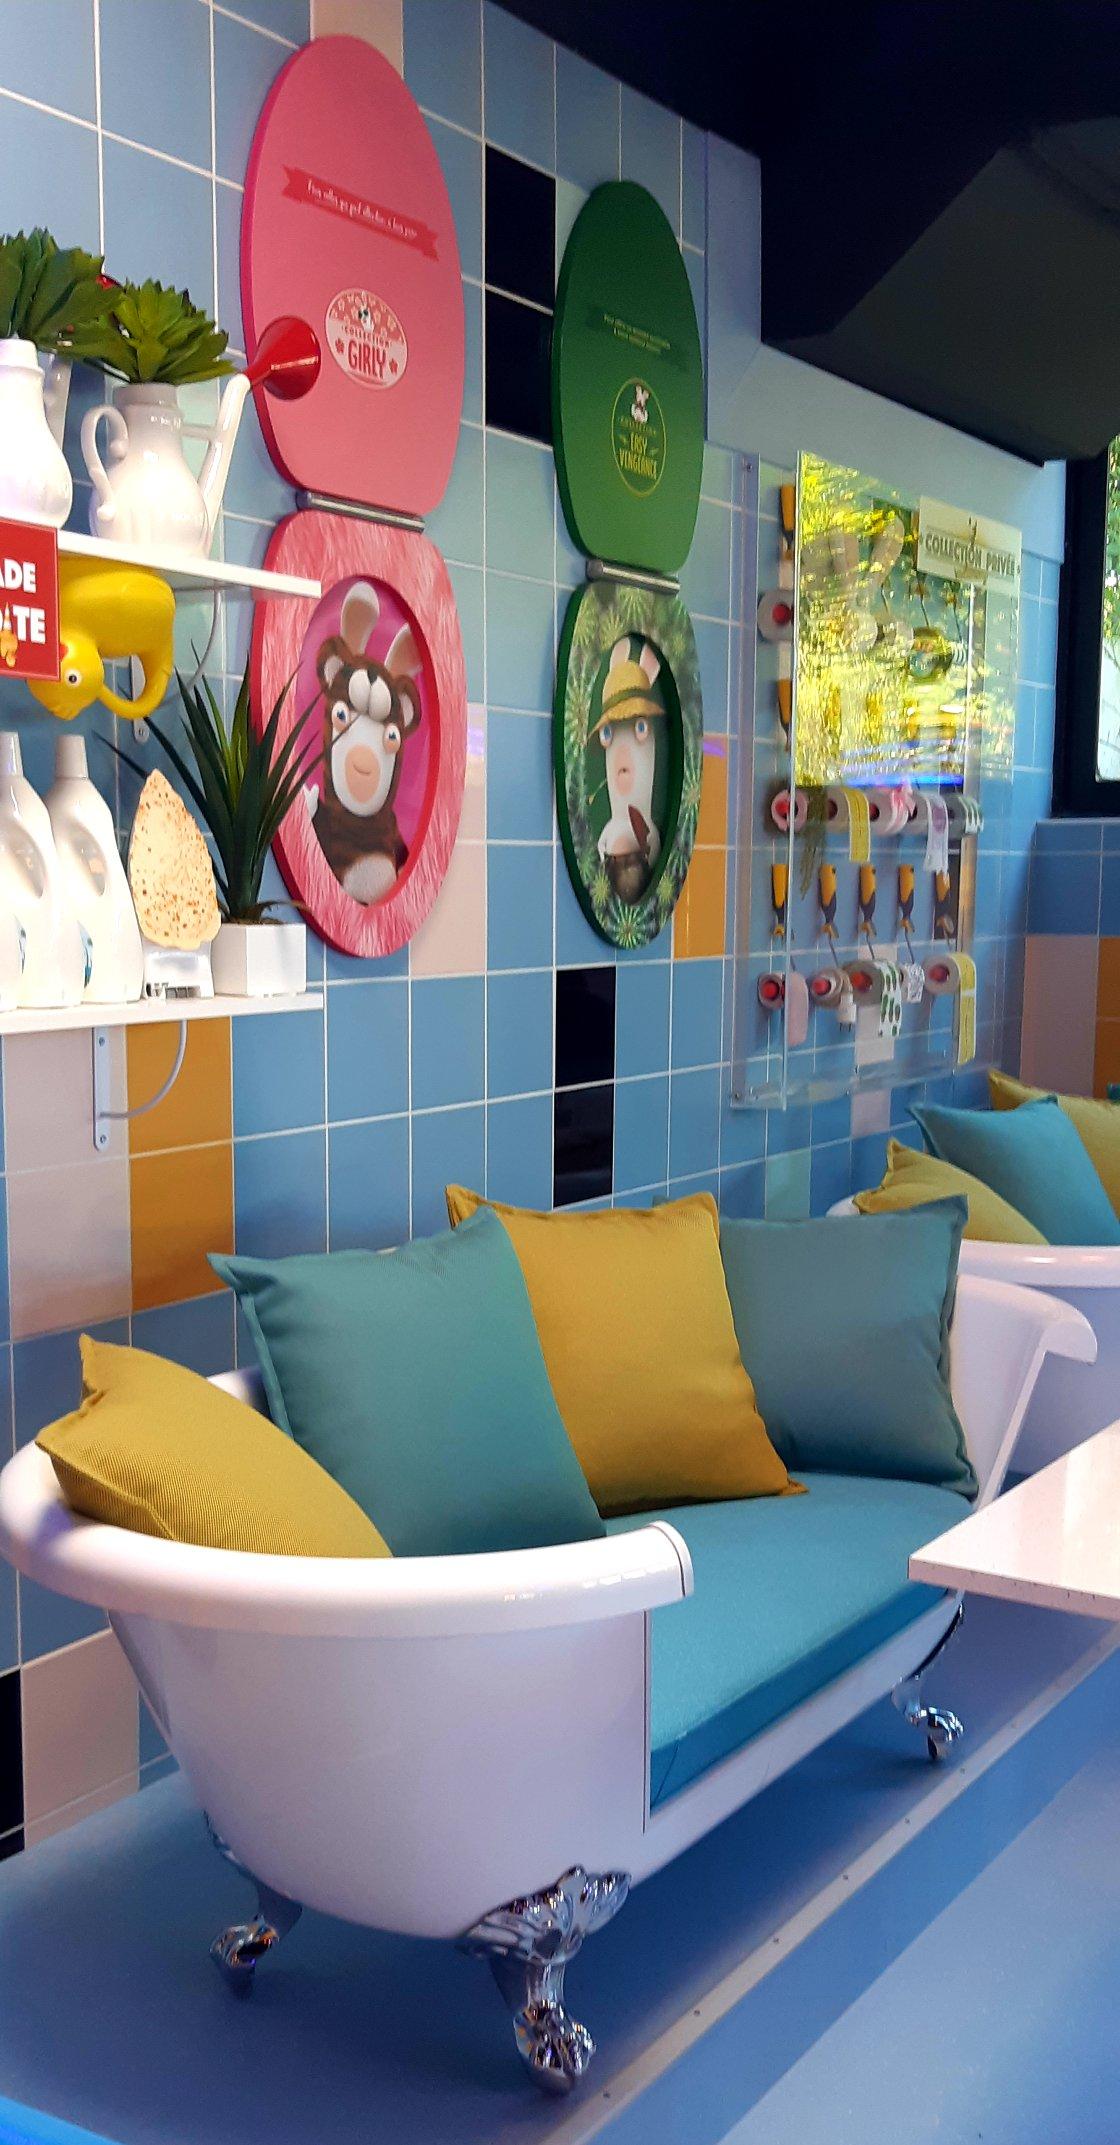 [Restaurant] La Crêpe Volante - Page 2 E2Yo1PXXEAAI_5f?format=jpg&name=4096x4096